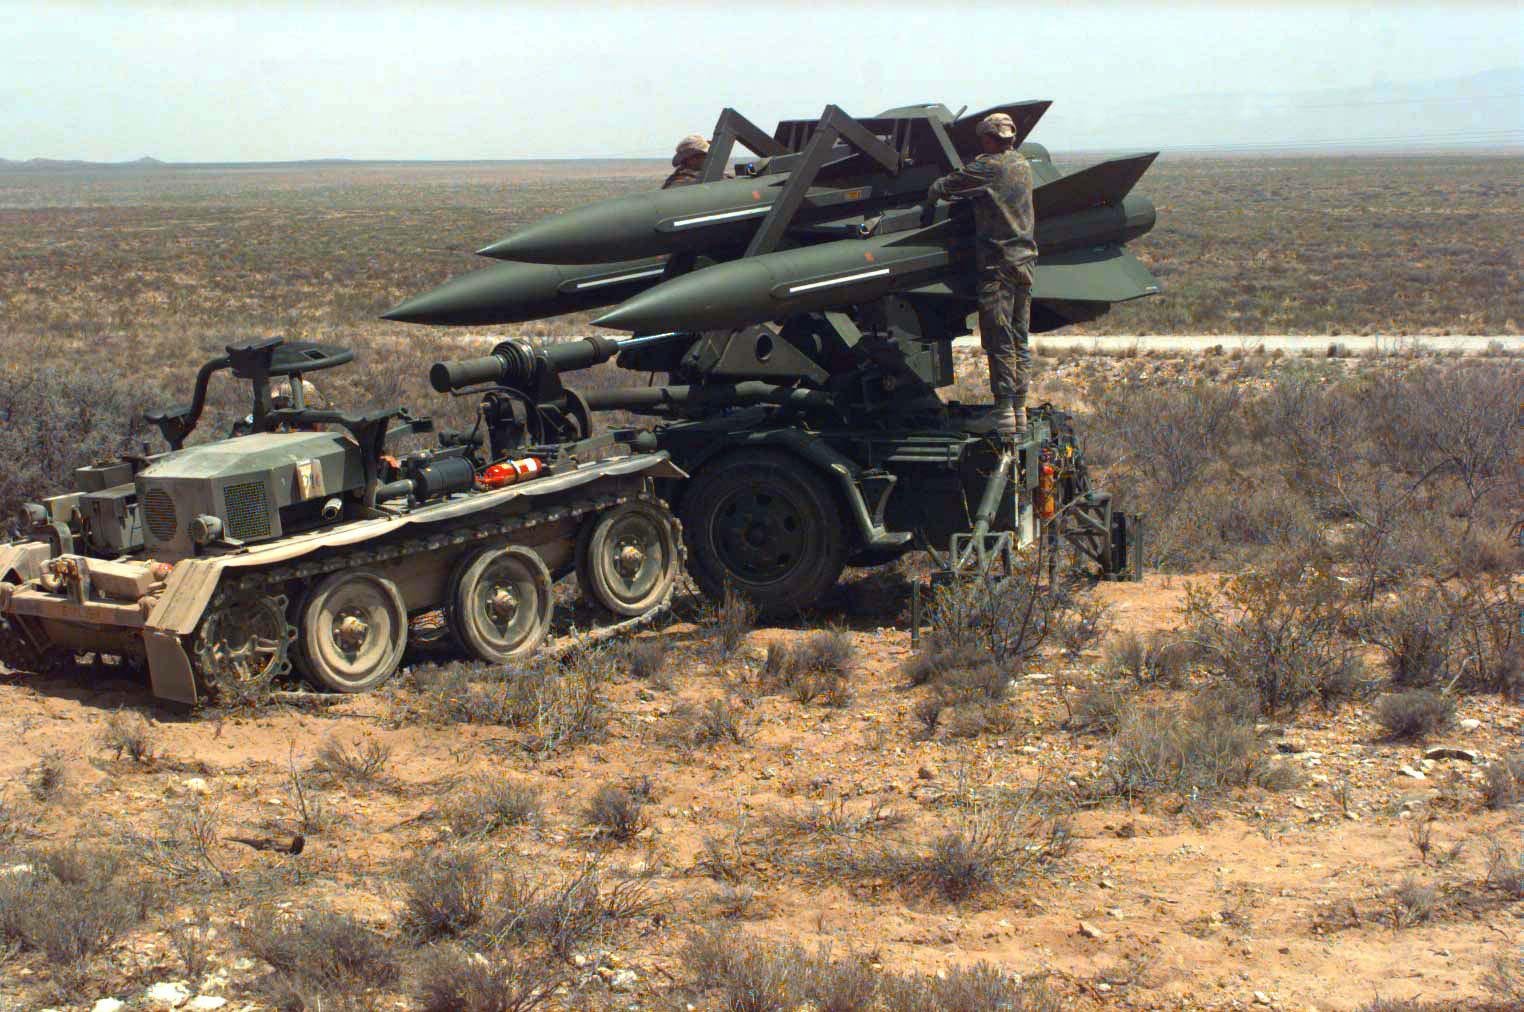 File:German Hawk missile unit, 1996.jpg